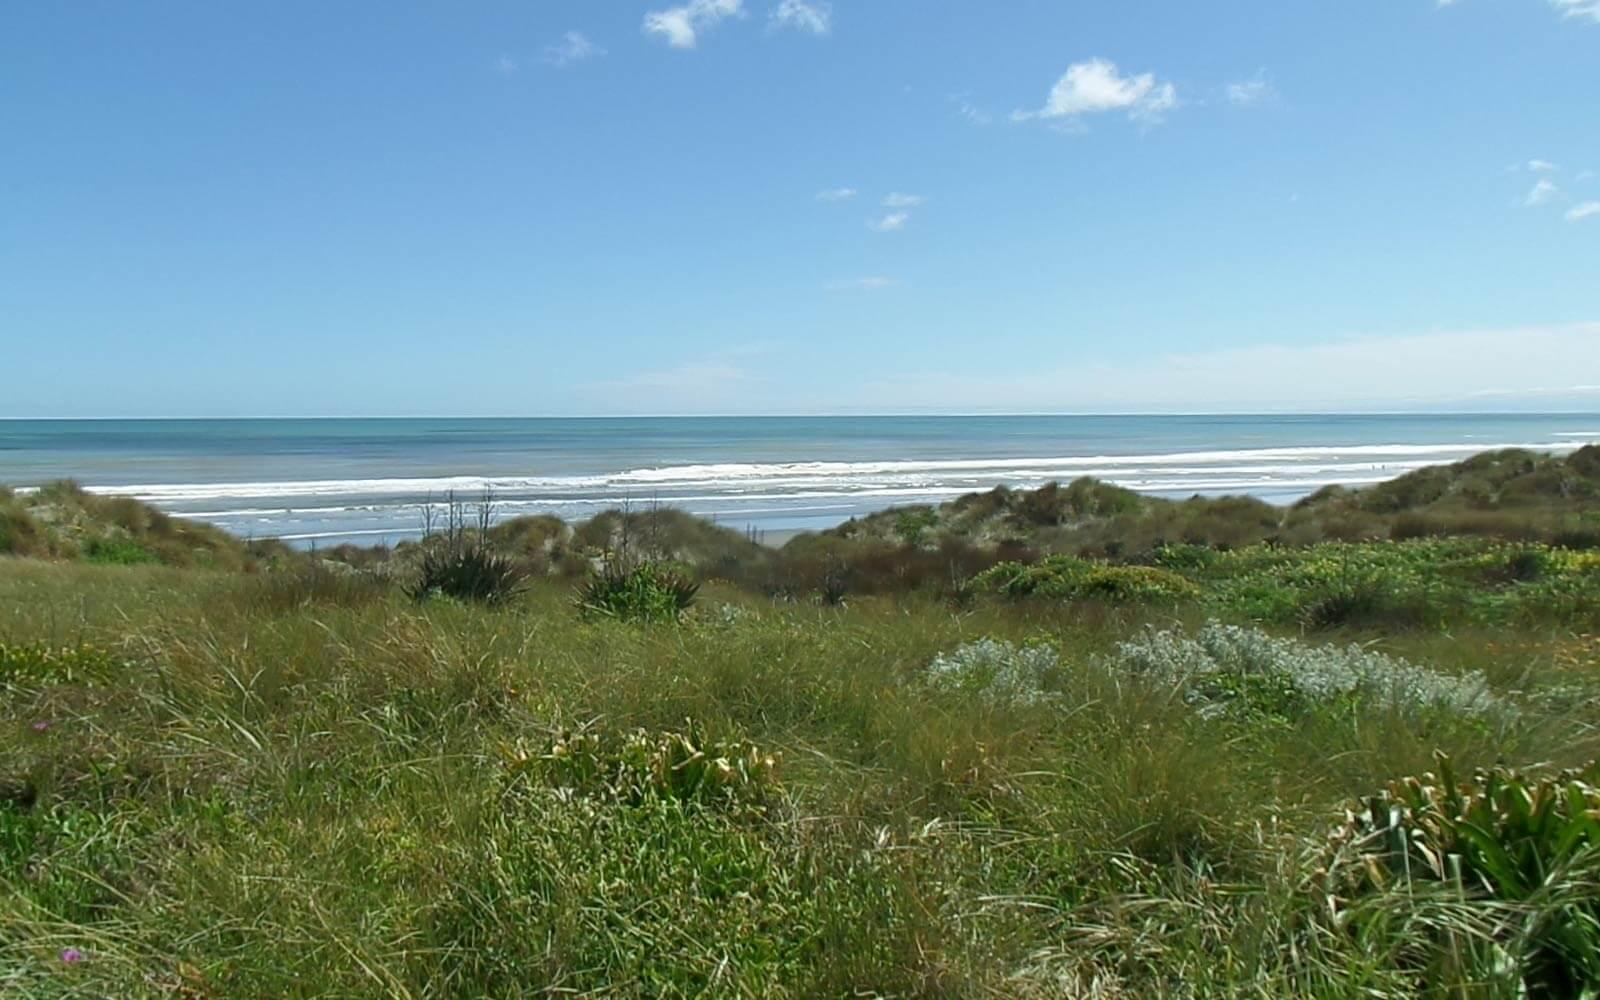 Gras, Meer und blauer Himmel in Neuseeland